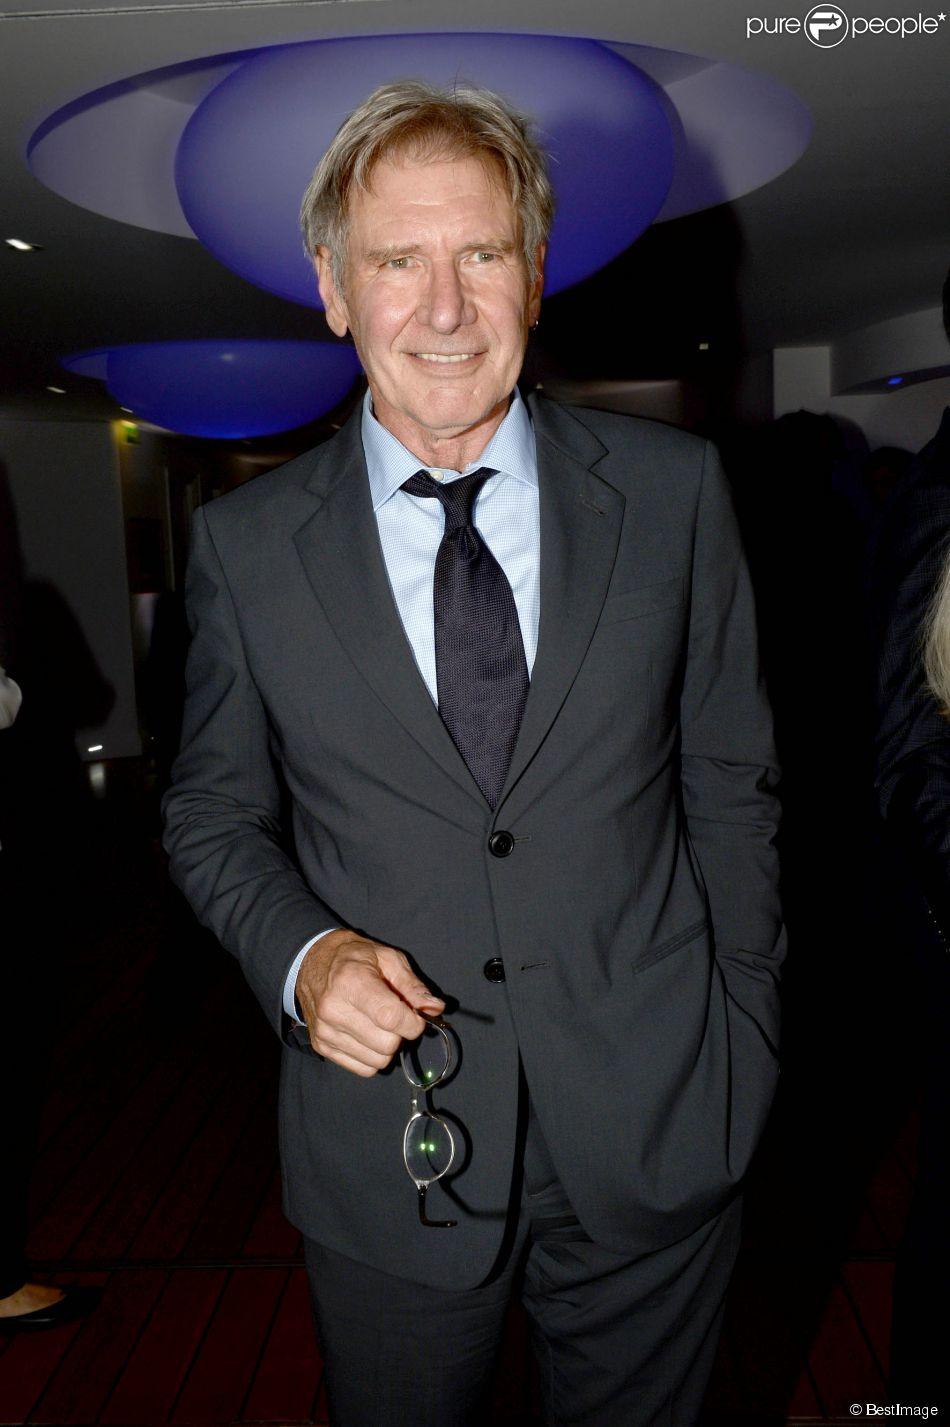 Harrison Ford - Soirée Vanity Fair Armani à l'Eden Roc au cap d'Antibes le 17 mai 2014